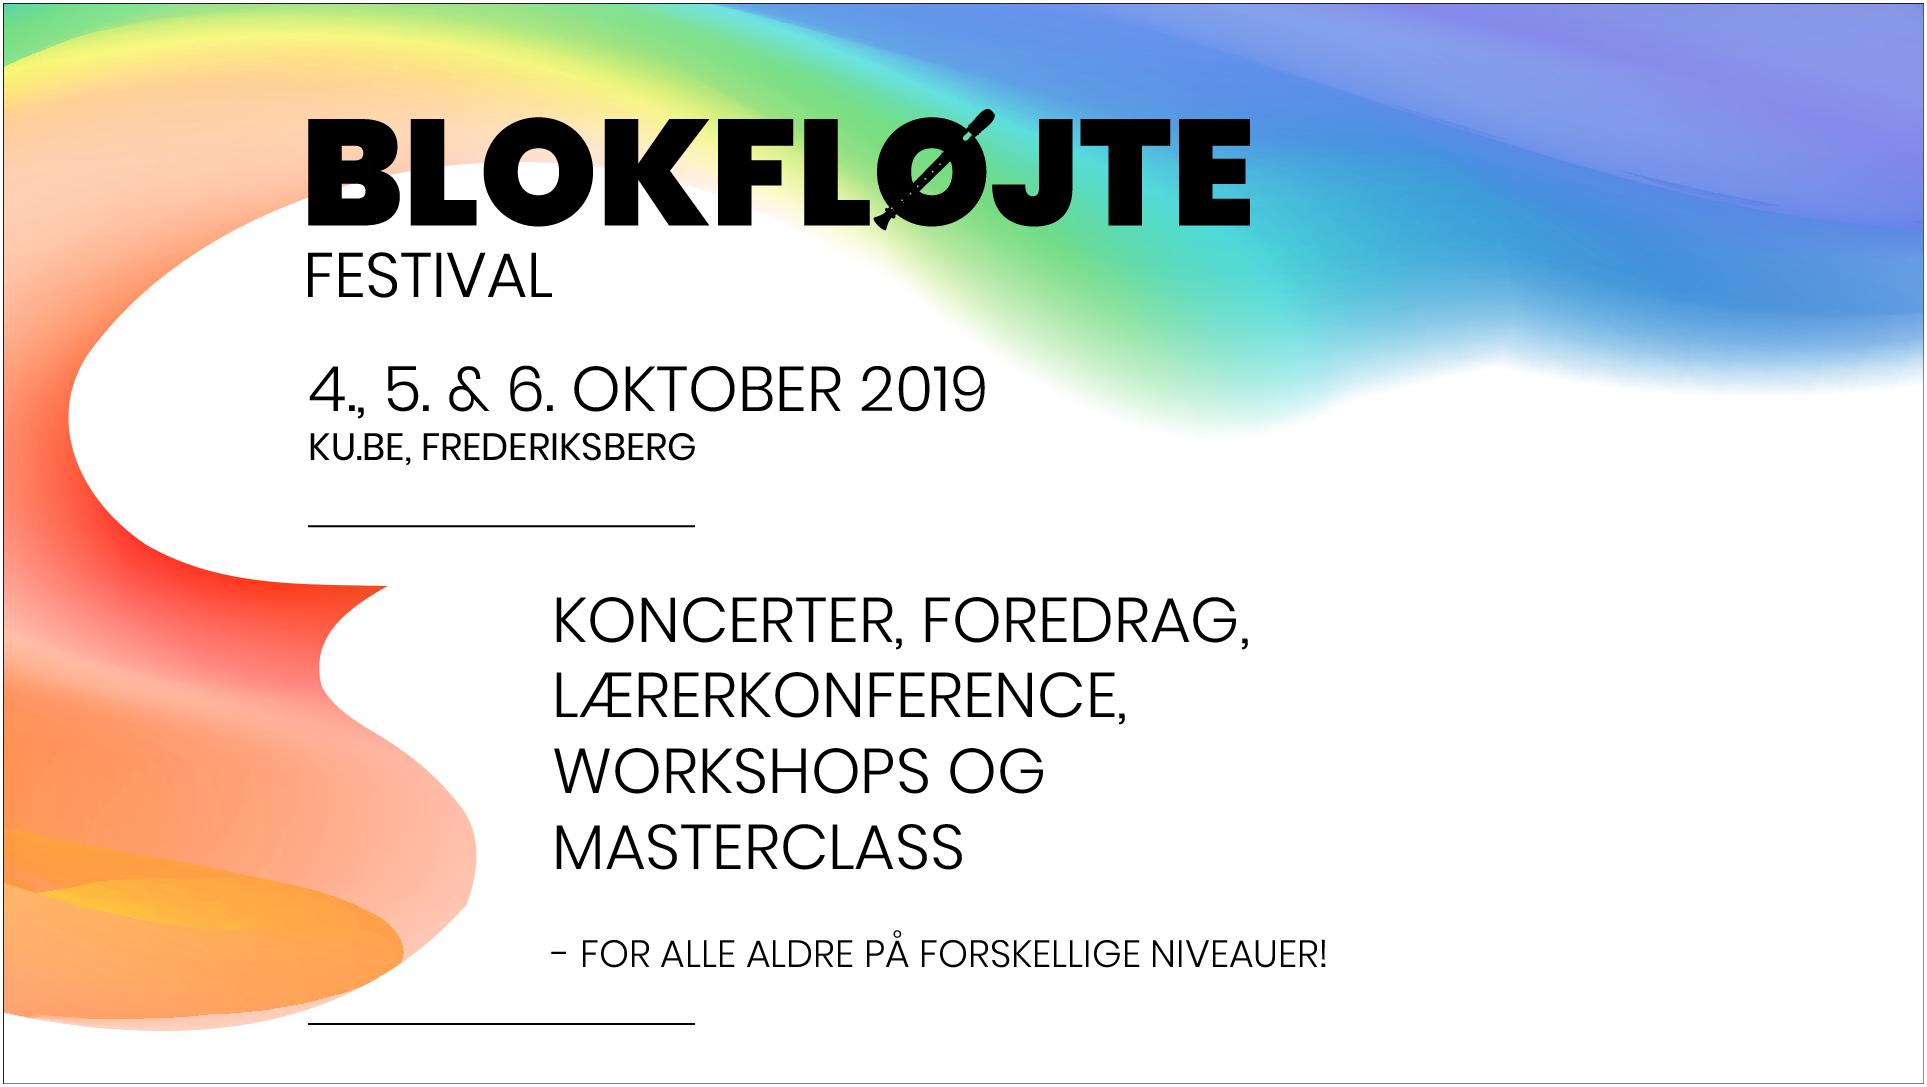 Blokfloejtefestival header image